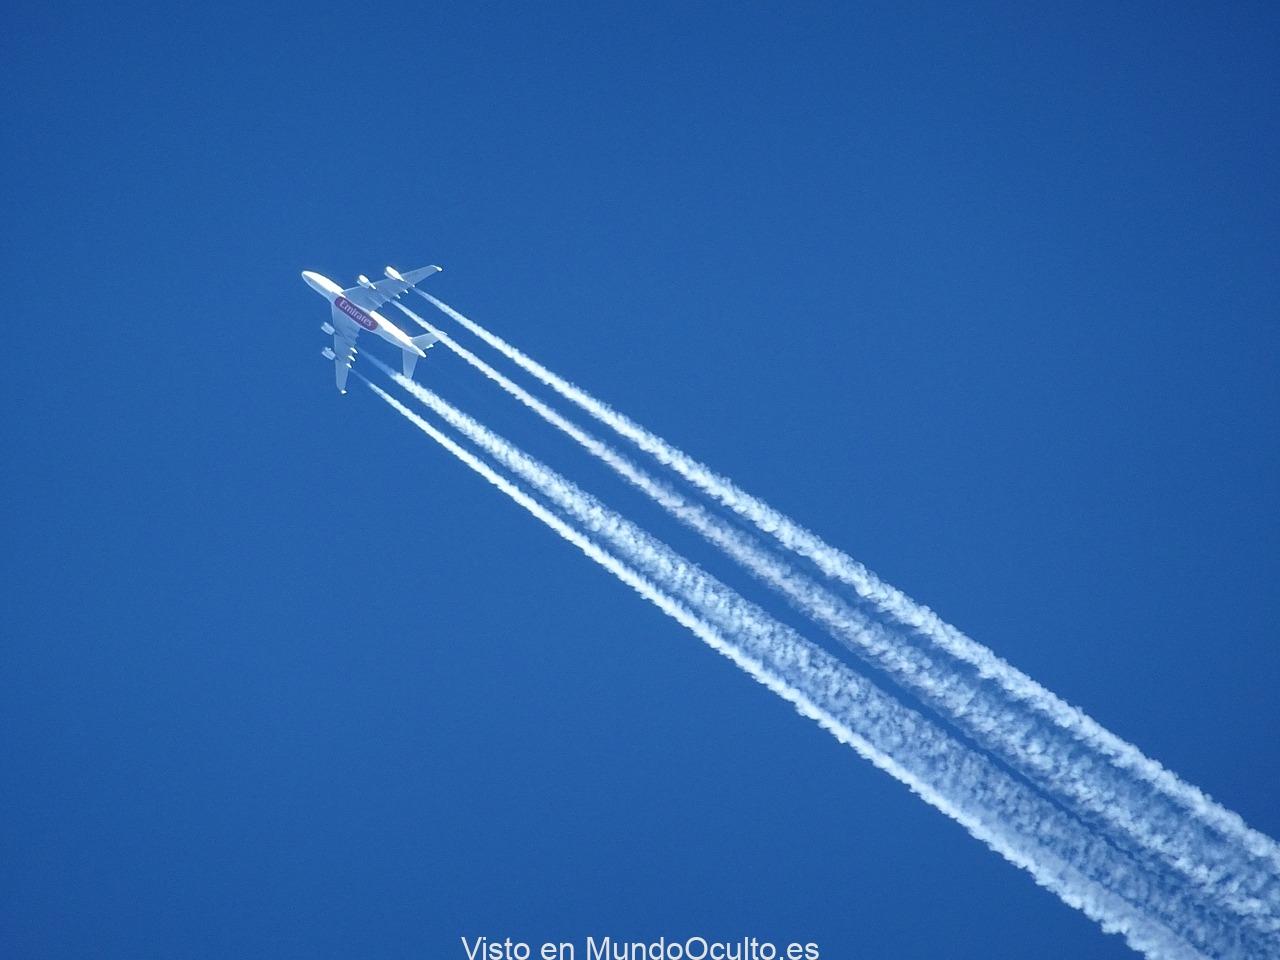 aircraft-1705925_1280.jpg